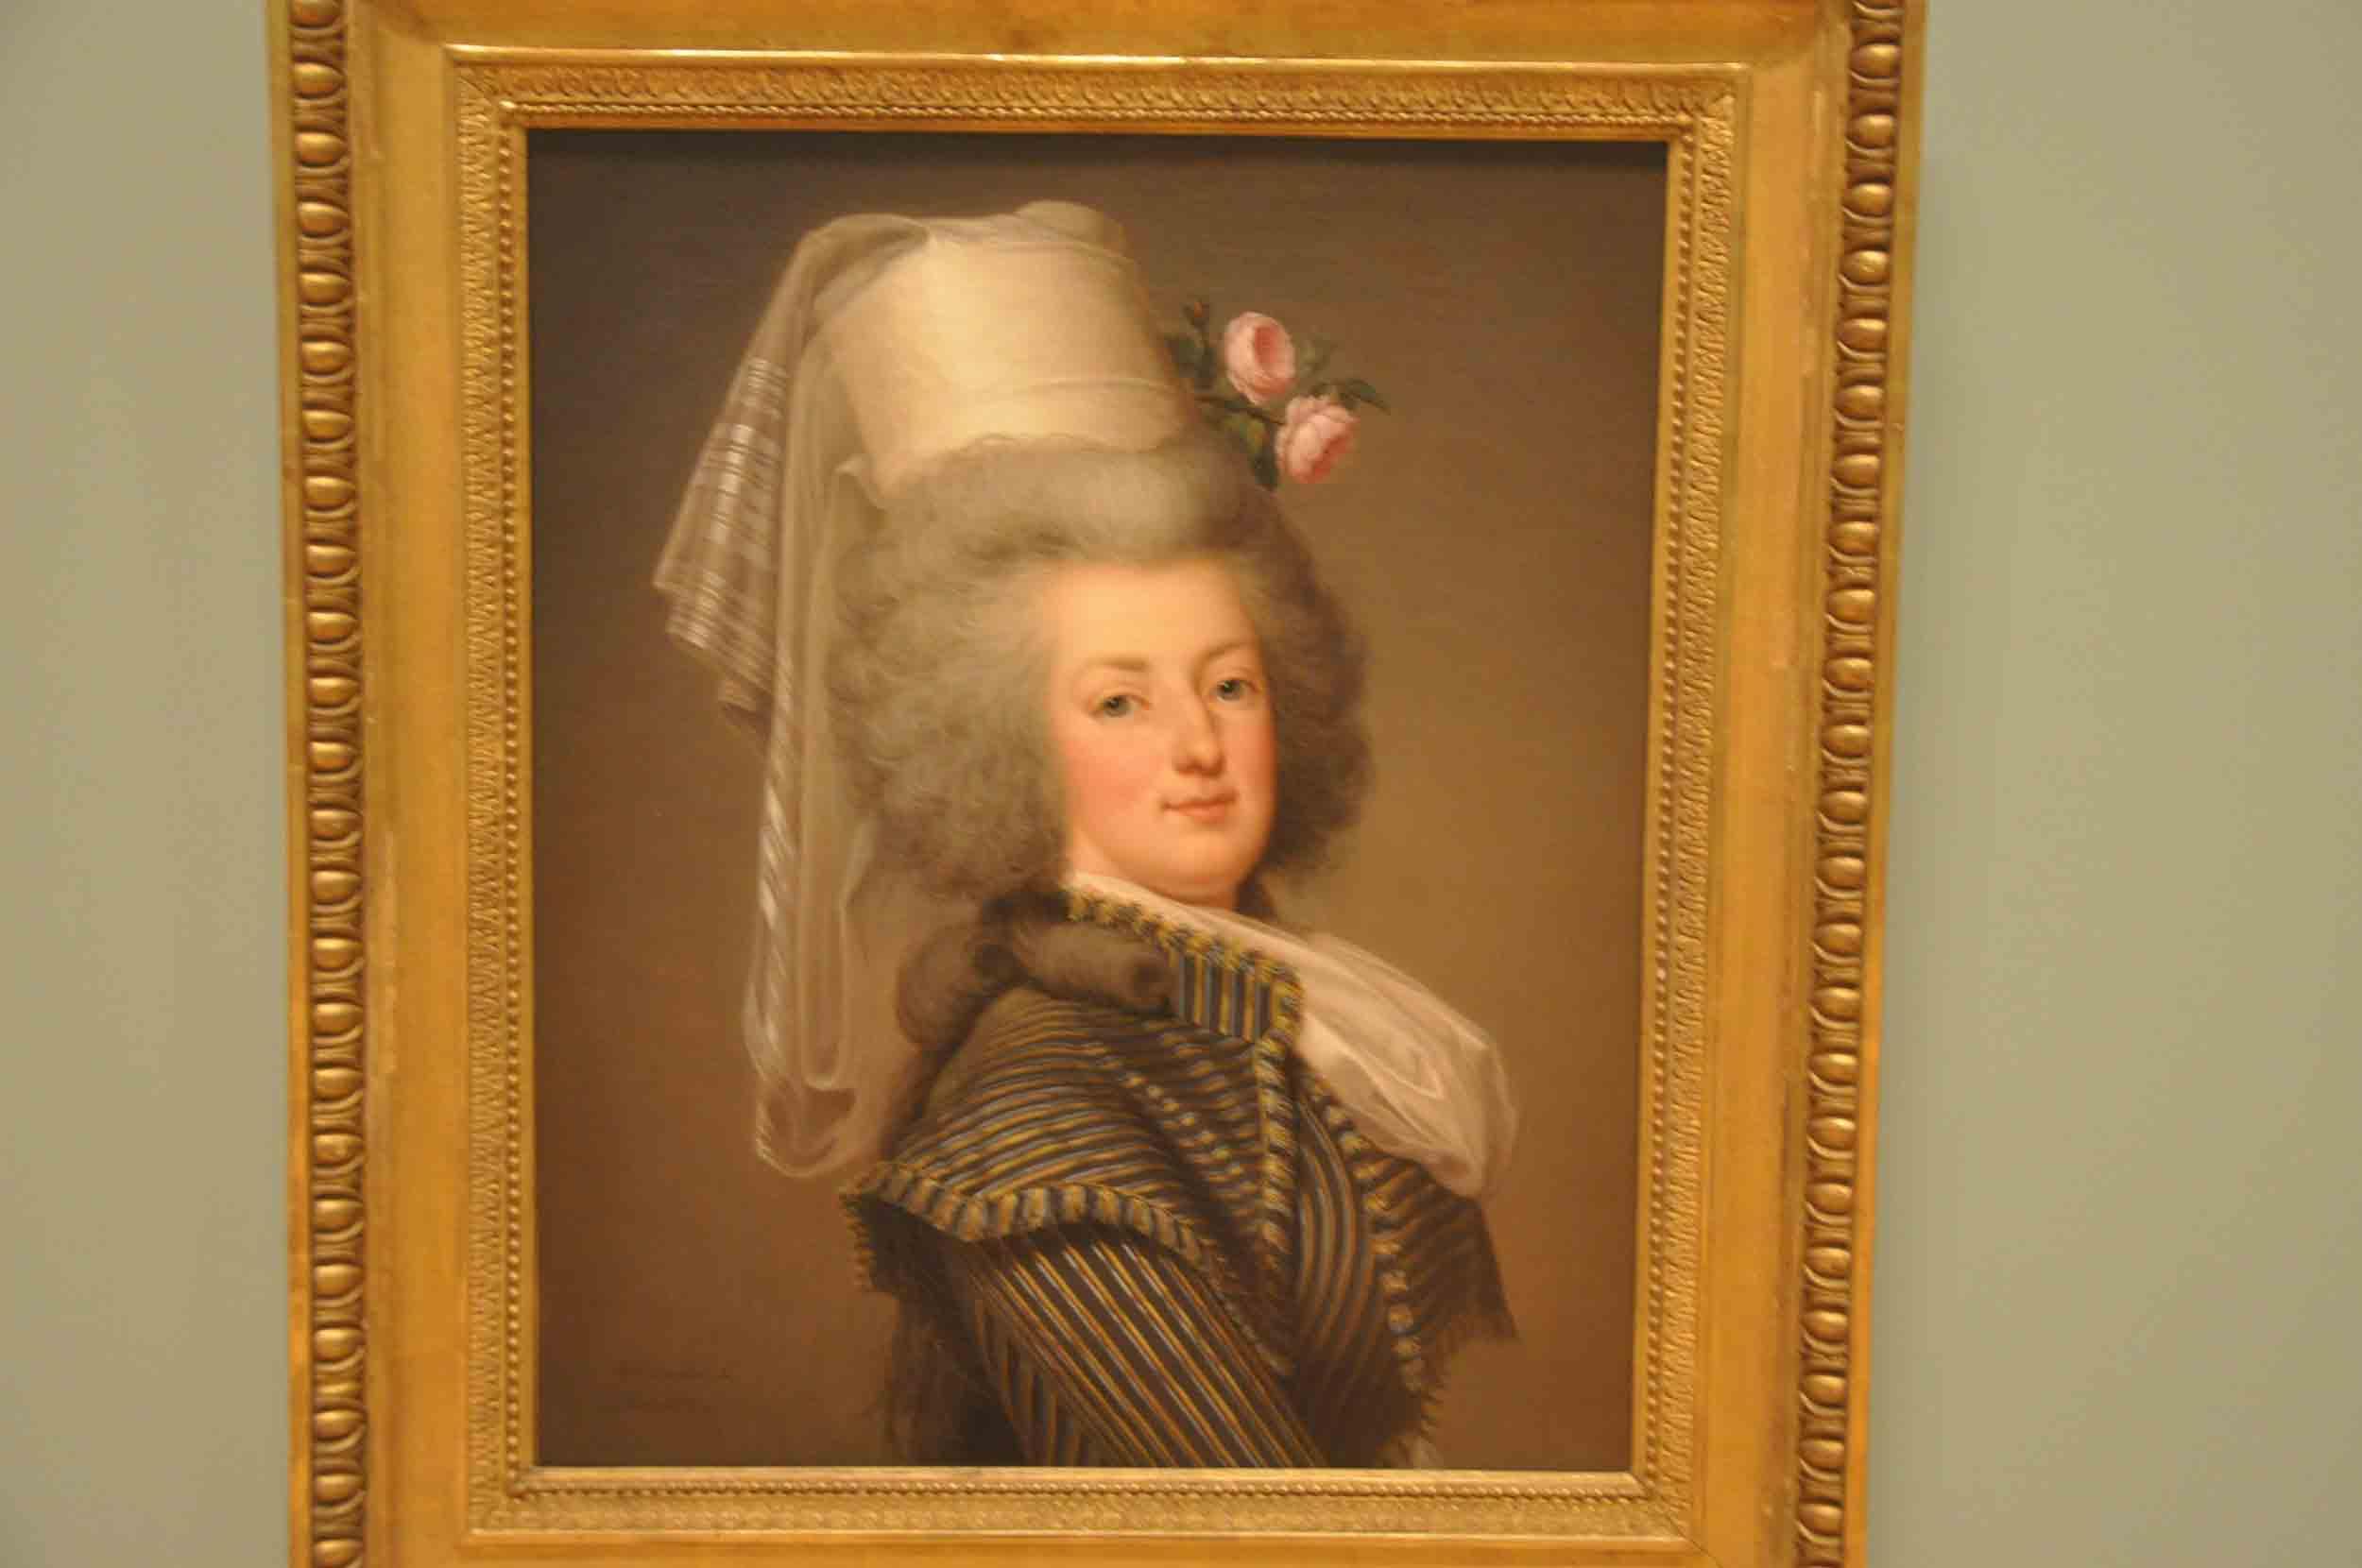 Wertmüller - Marie Antoinette Costume, 1788